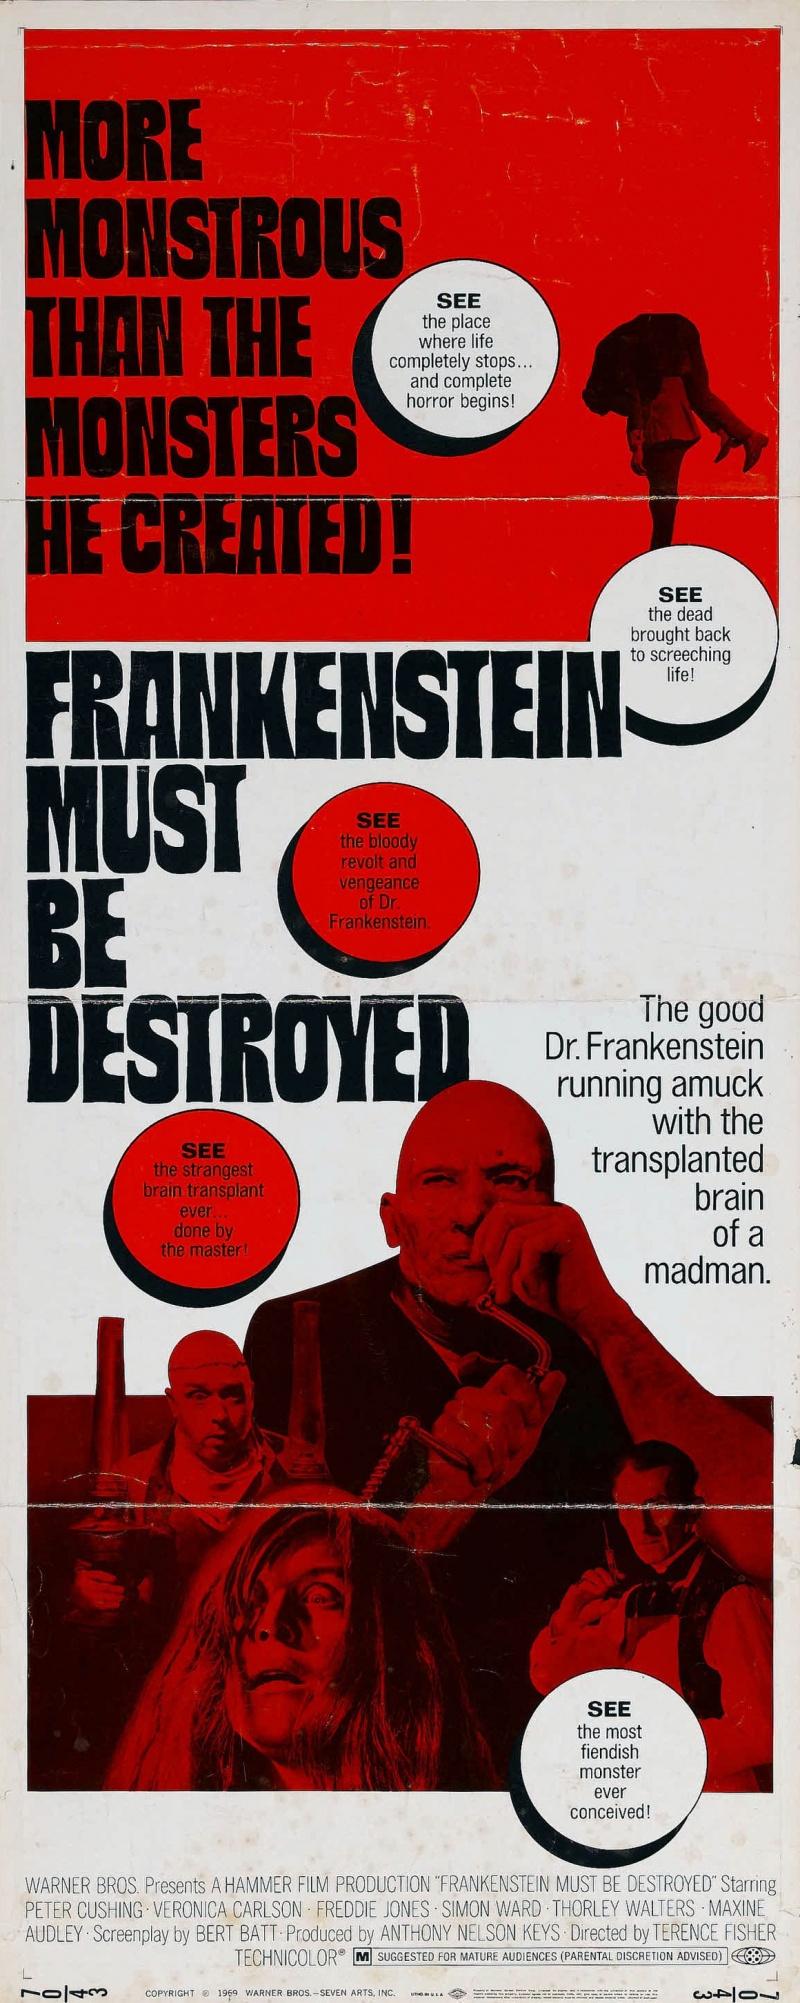 frankenstein destructive results of power